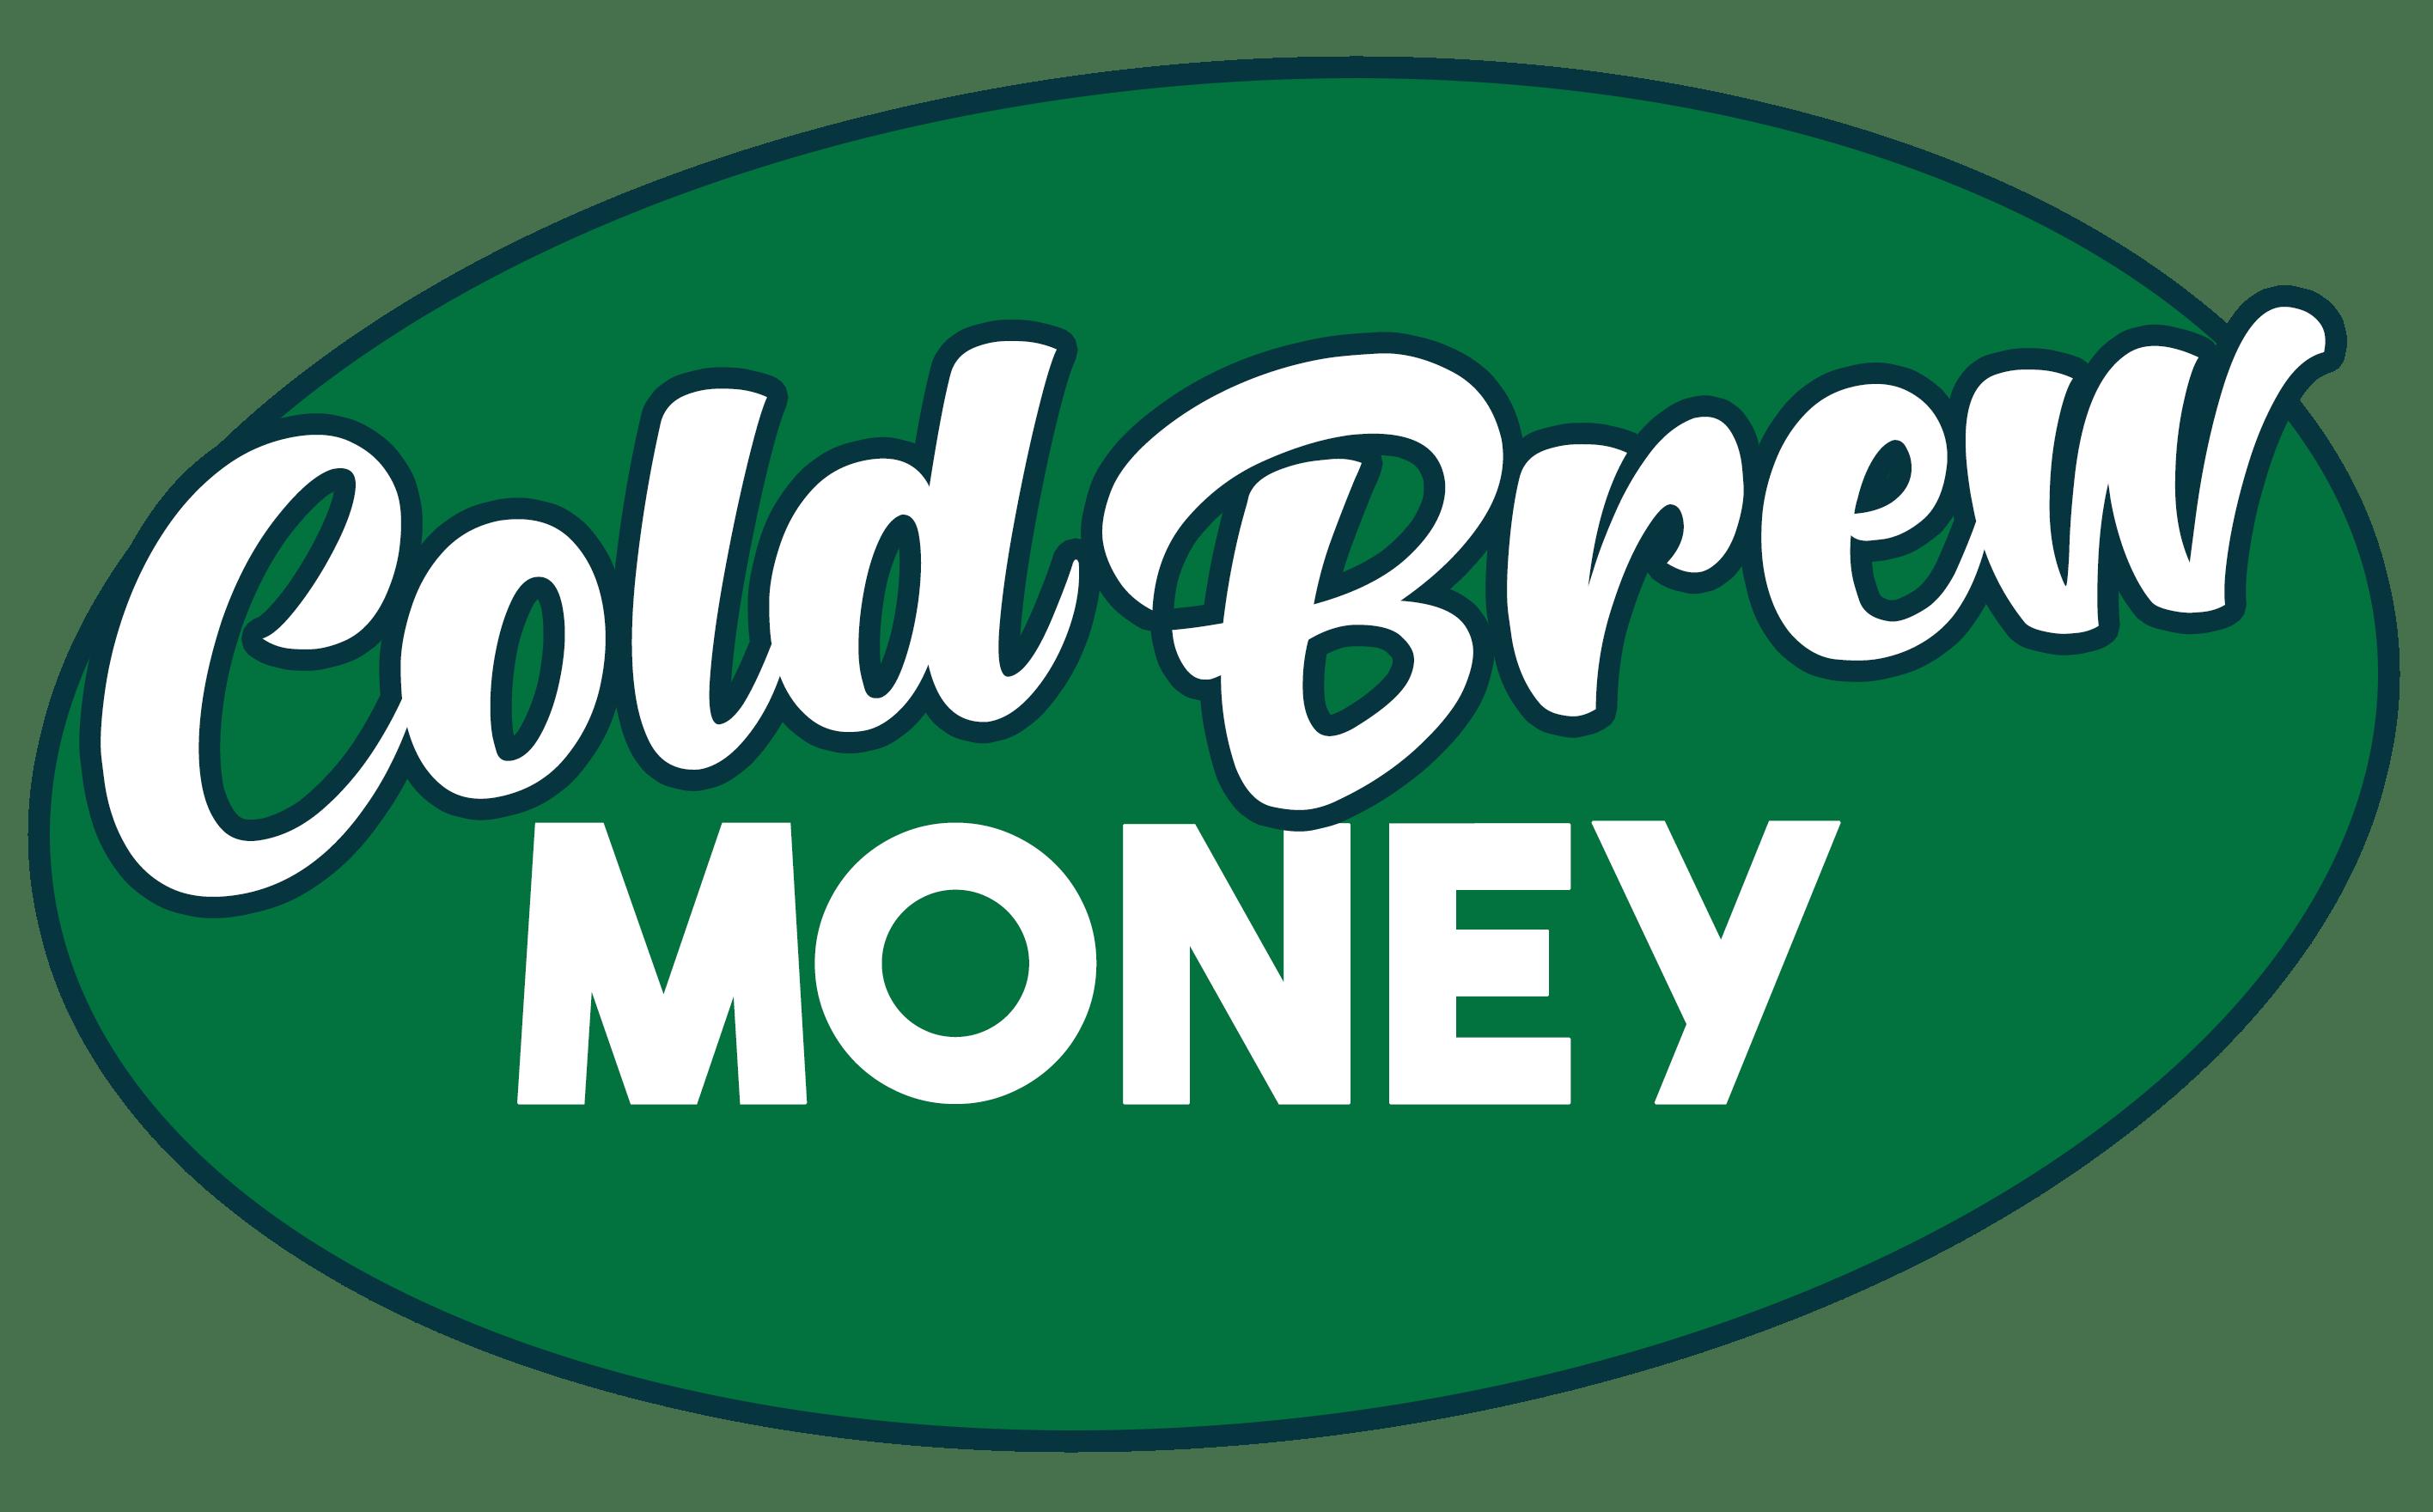 CBM - Cold Brew Money Logo